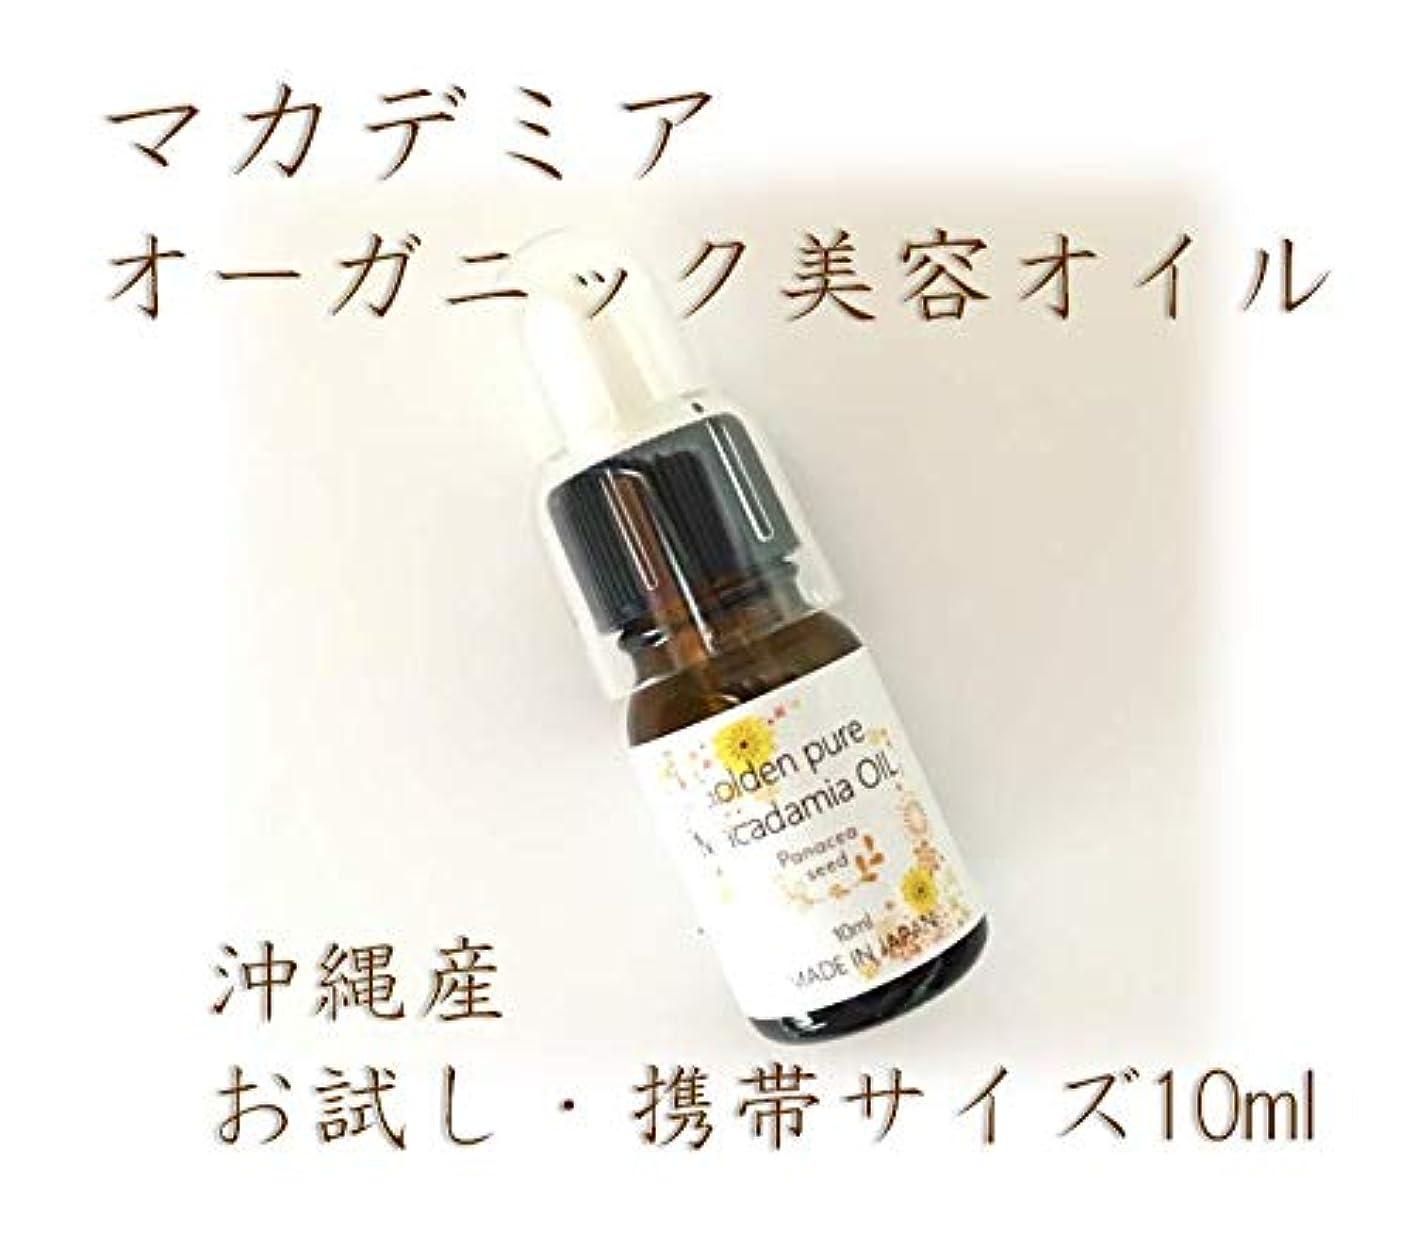 寛大なブレイズのためパナシアシード マカデミアオイル10ml(100%ビュア美容オイル)